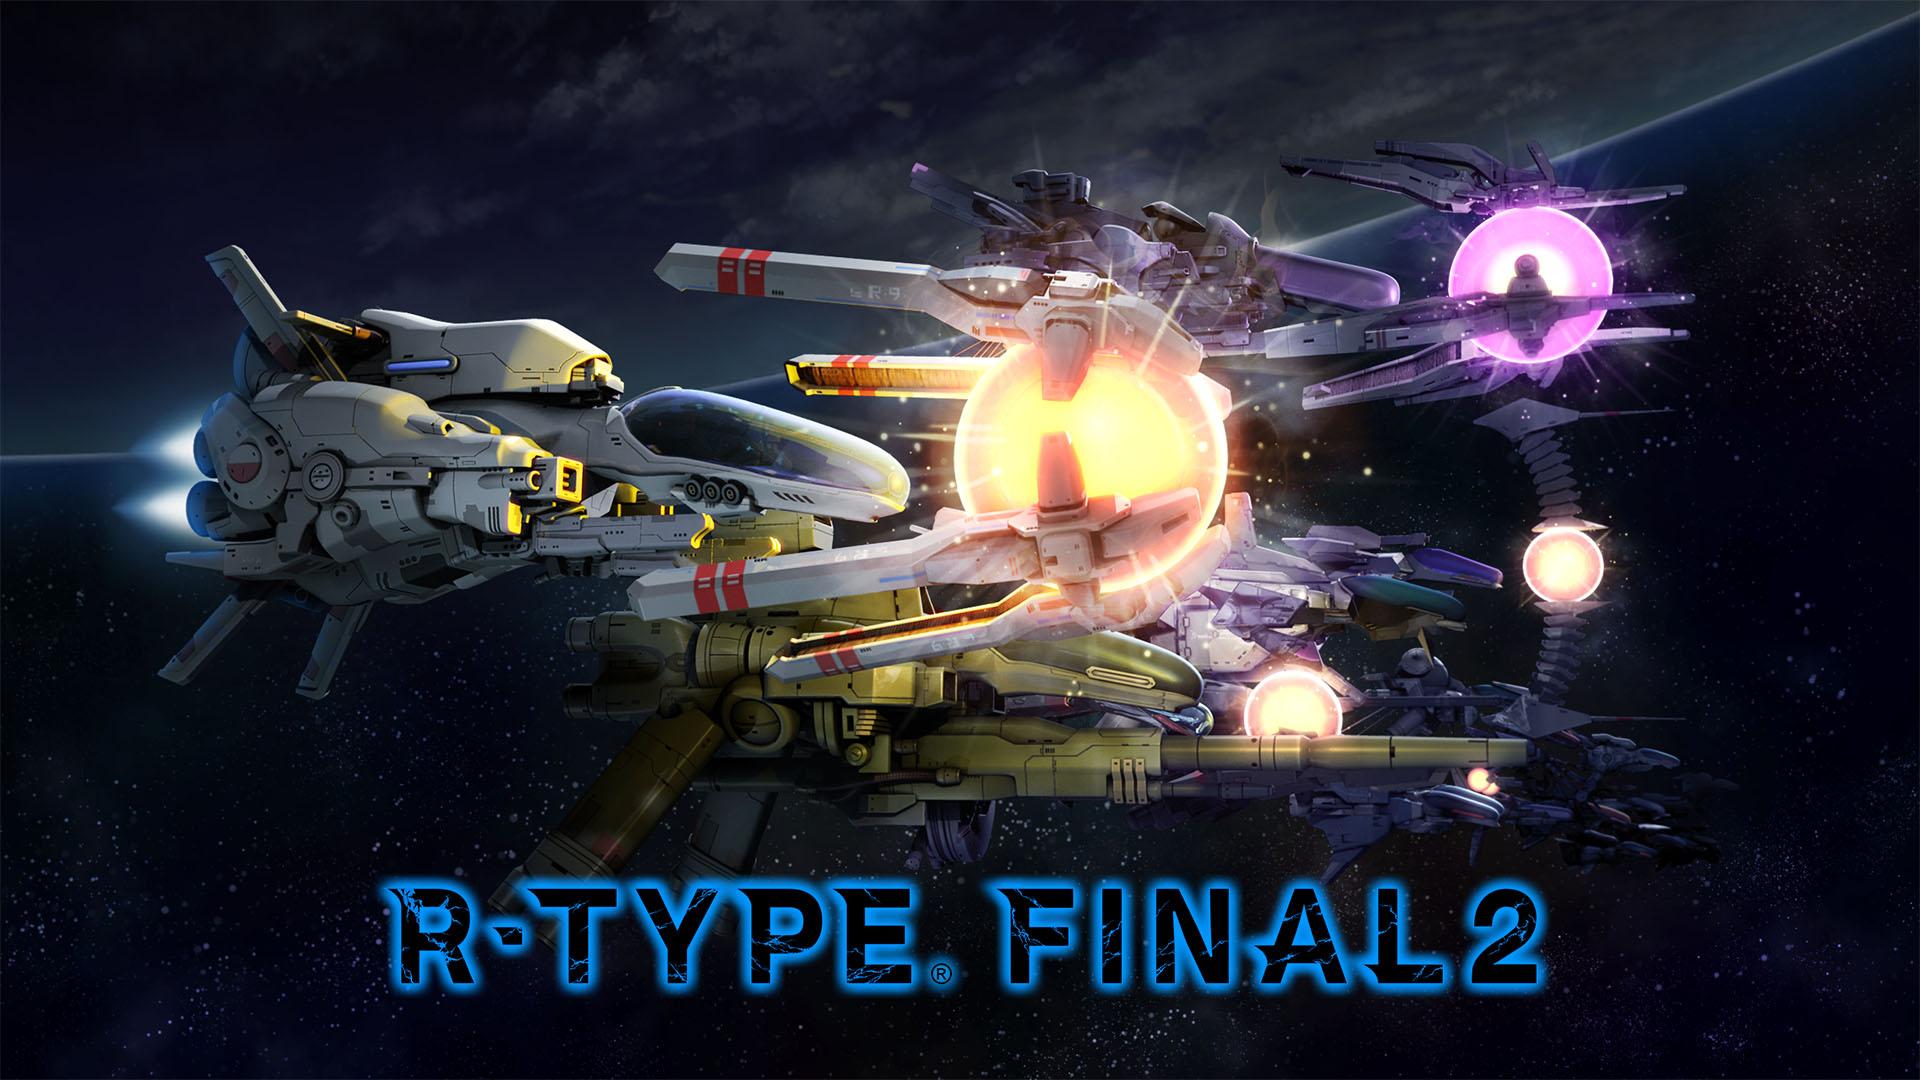 R-Type Final 2 ganha novo trailer, campanha no Kickstarter já está aberta